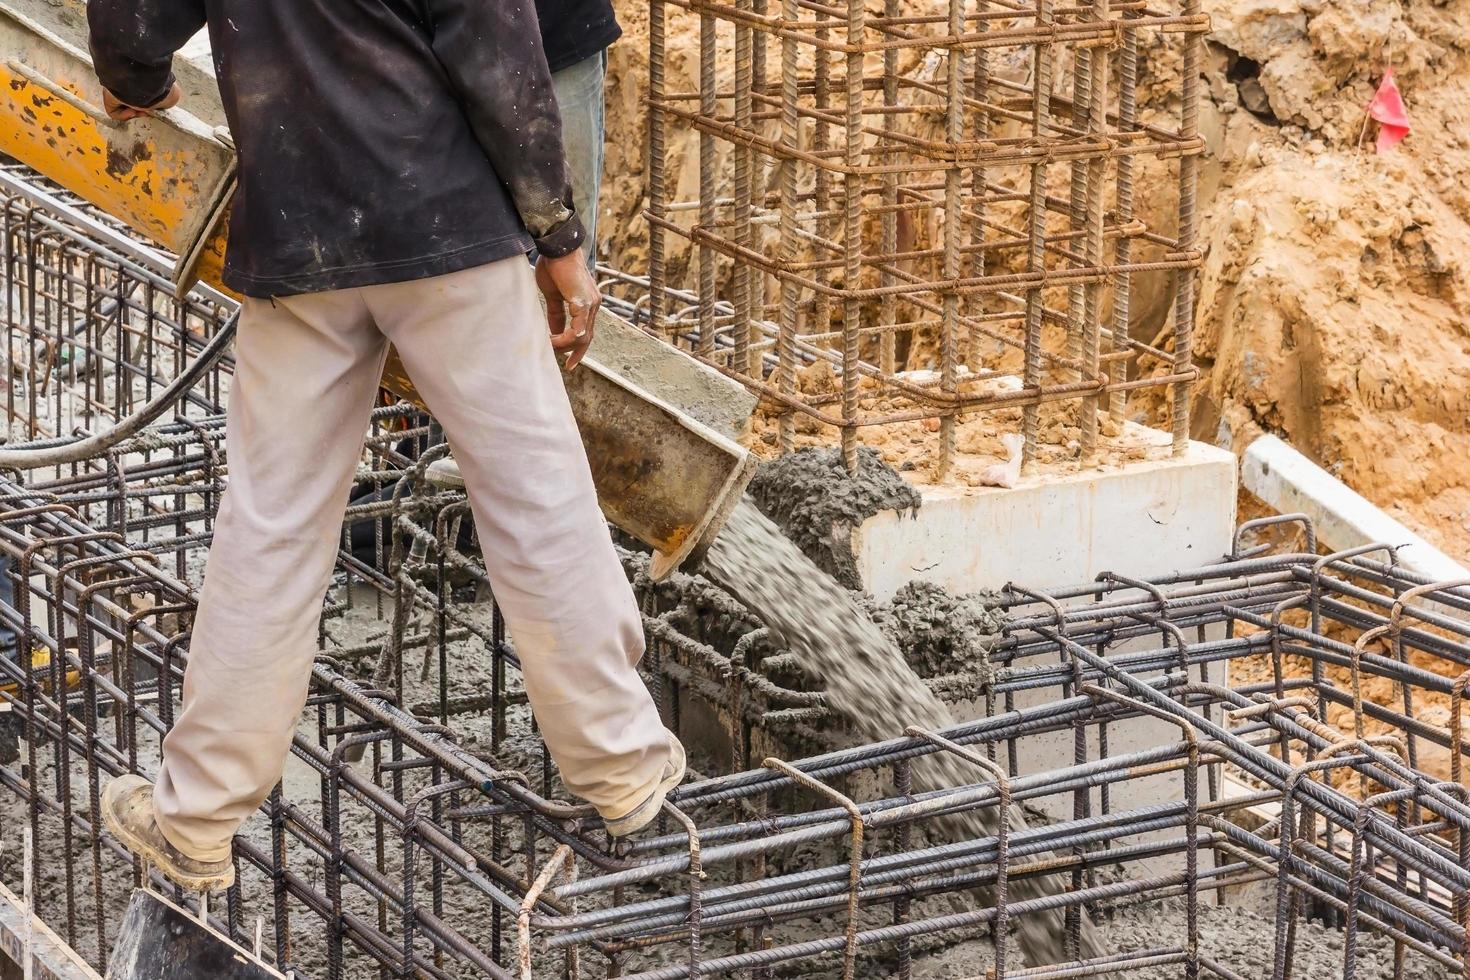 coulage du béton lors du bétonnage des sols commerciaux des bâtiments en chantier photo